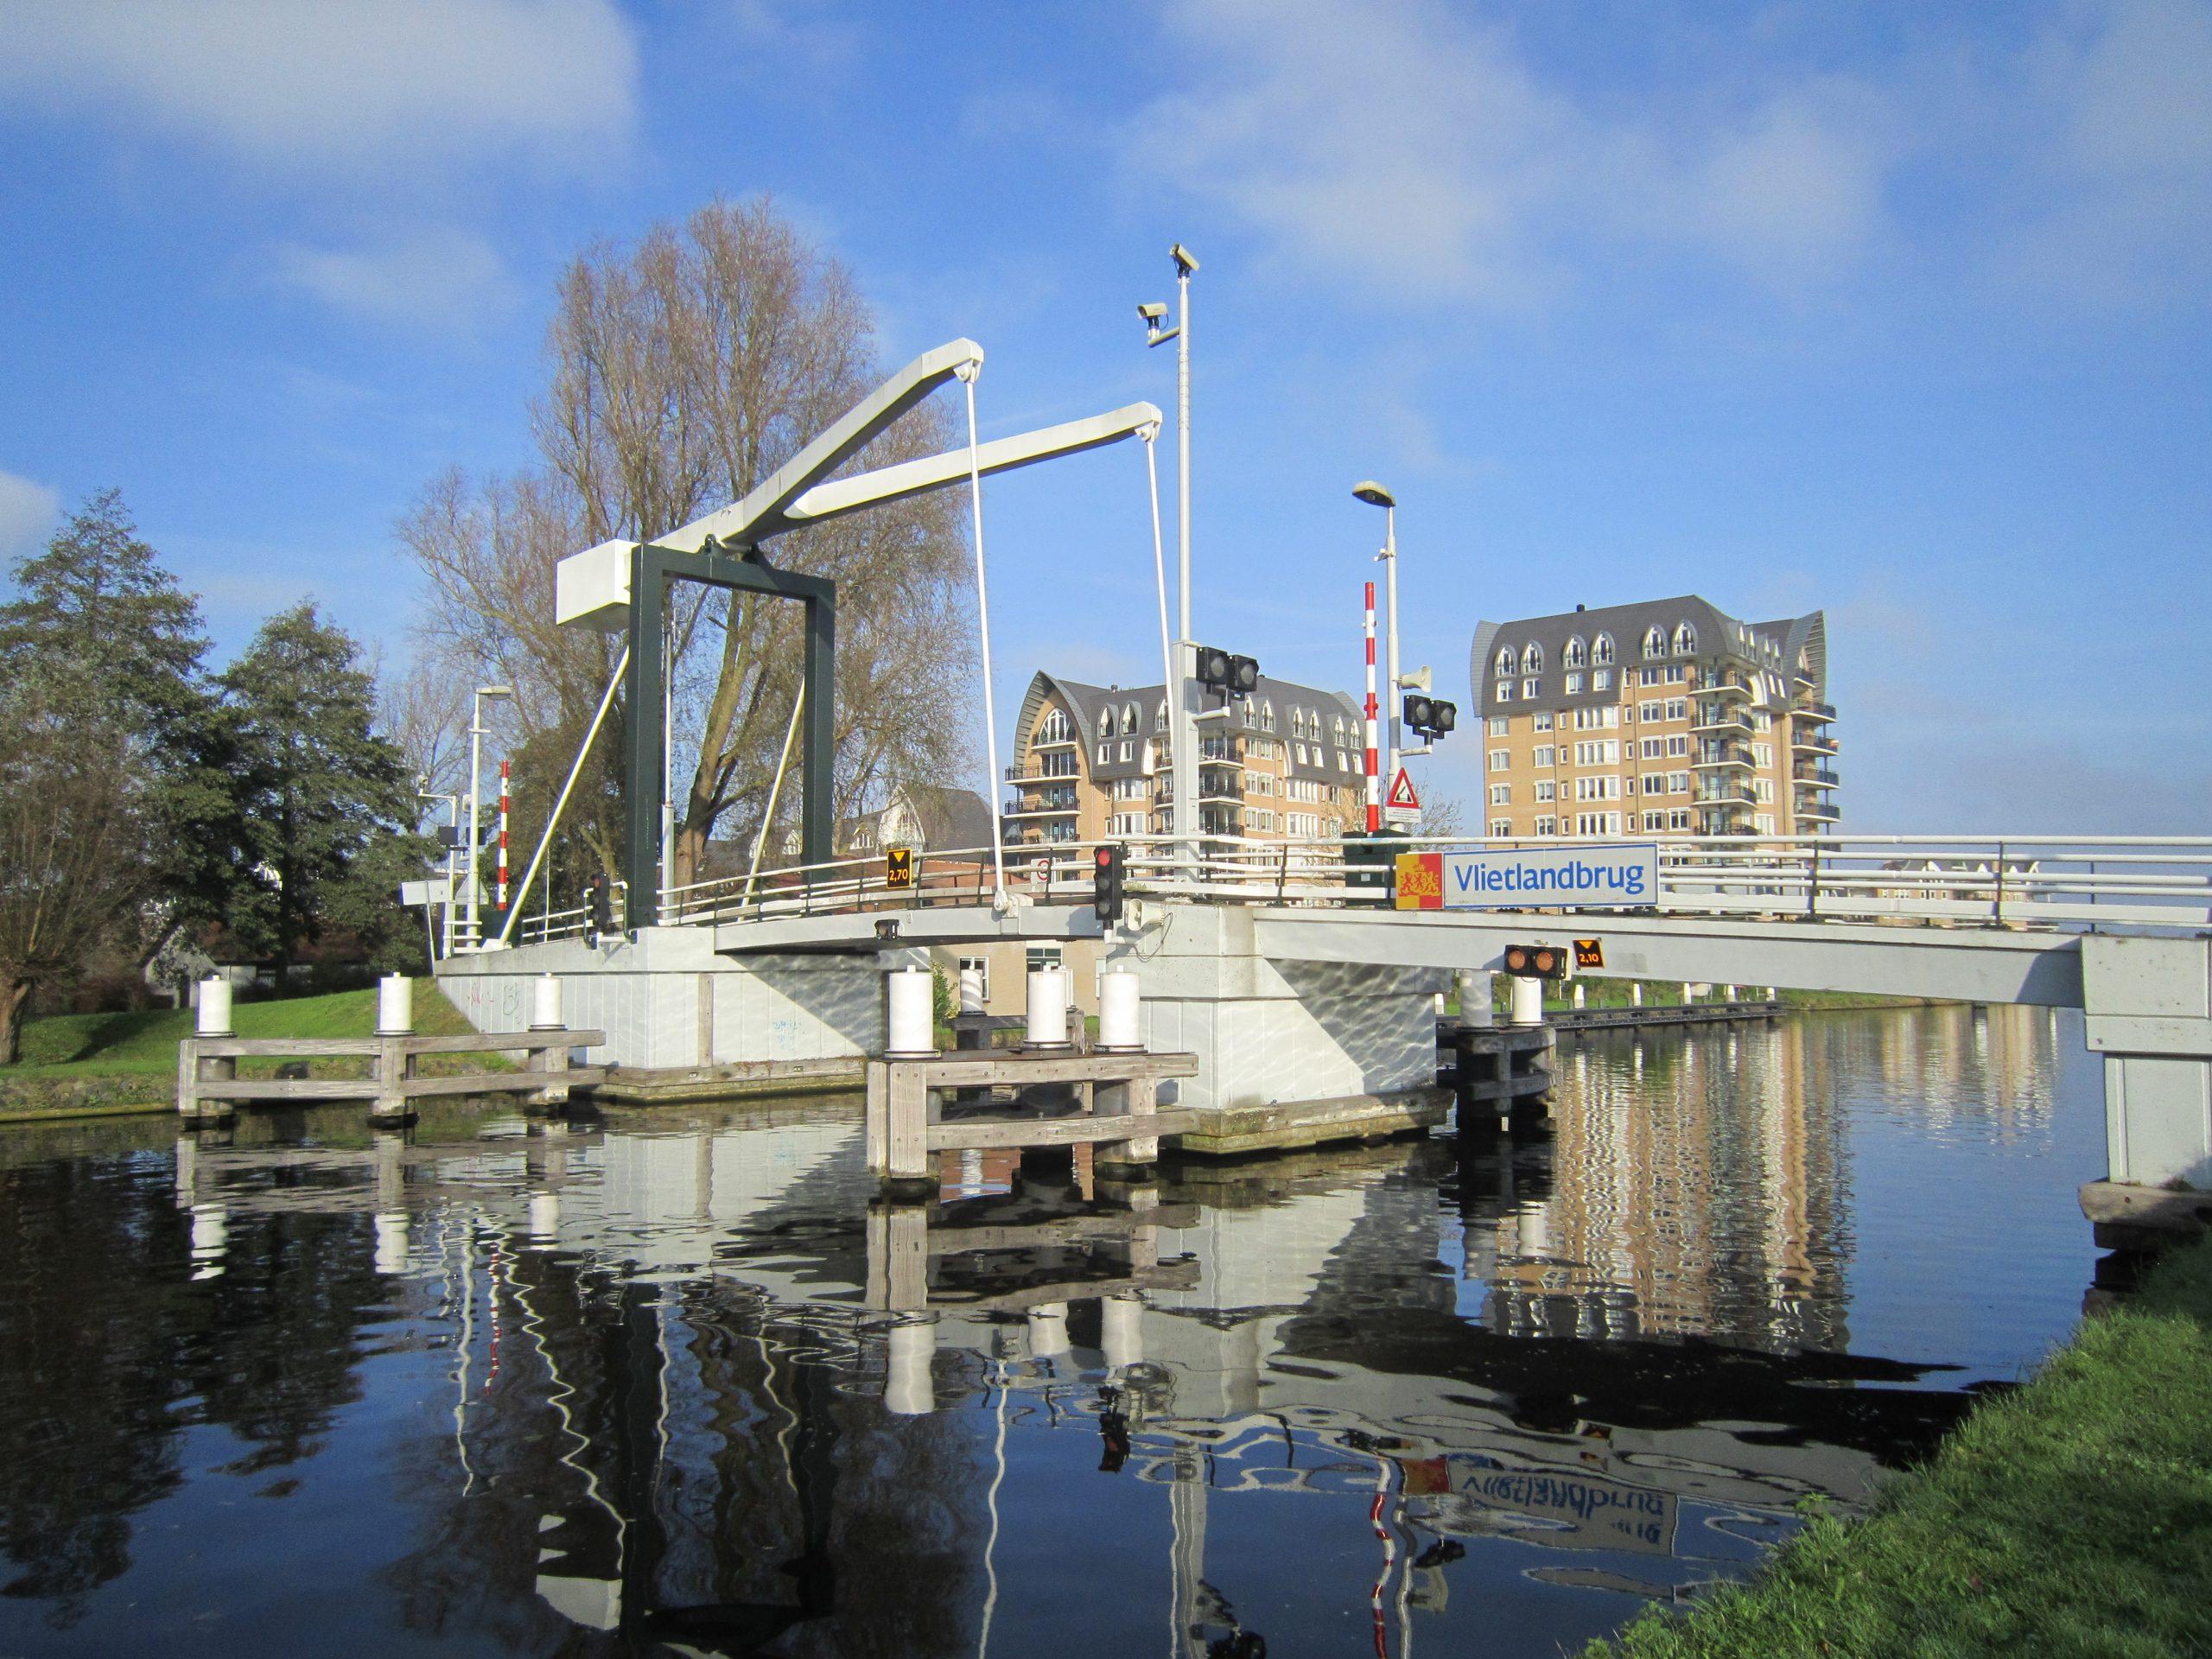 Vlietlandbrug. Foto: Pilz